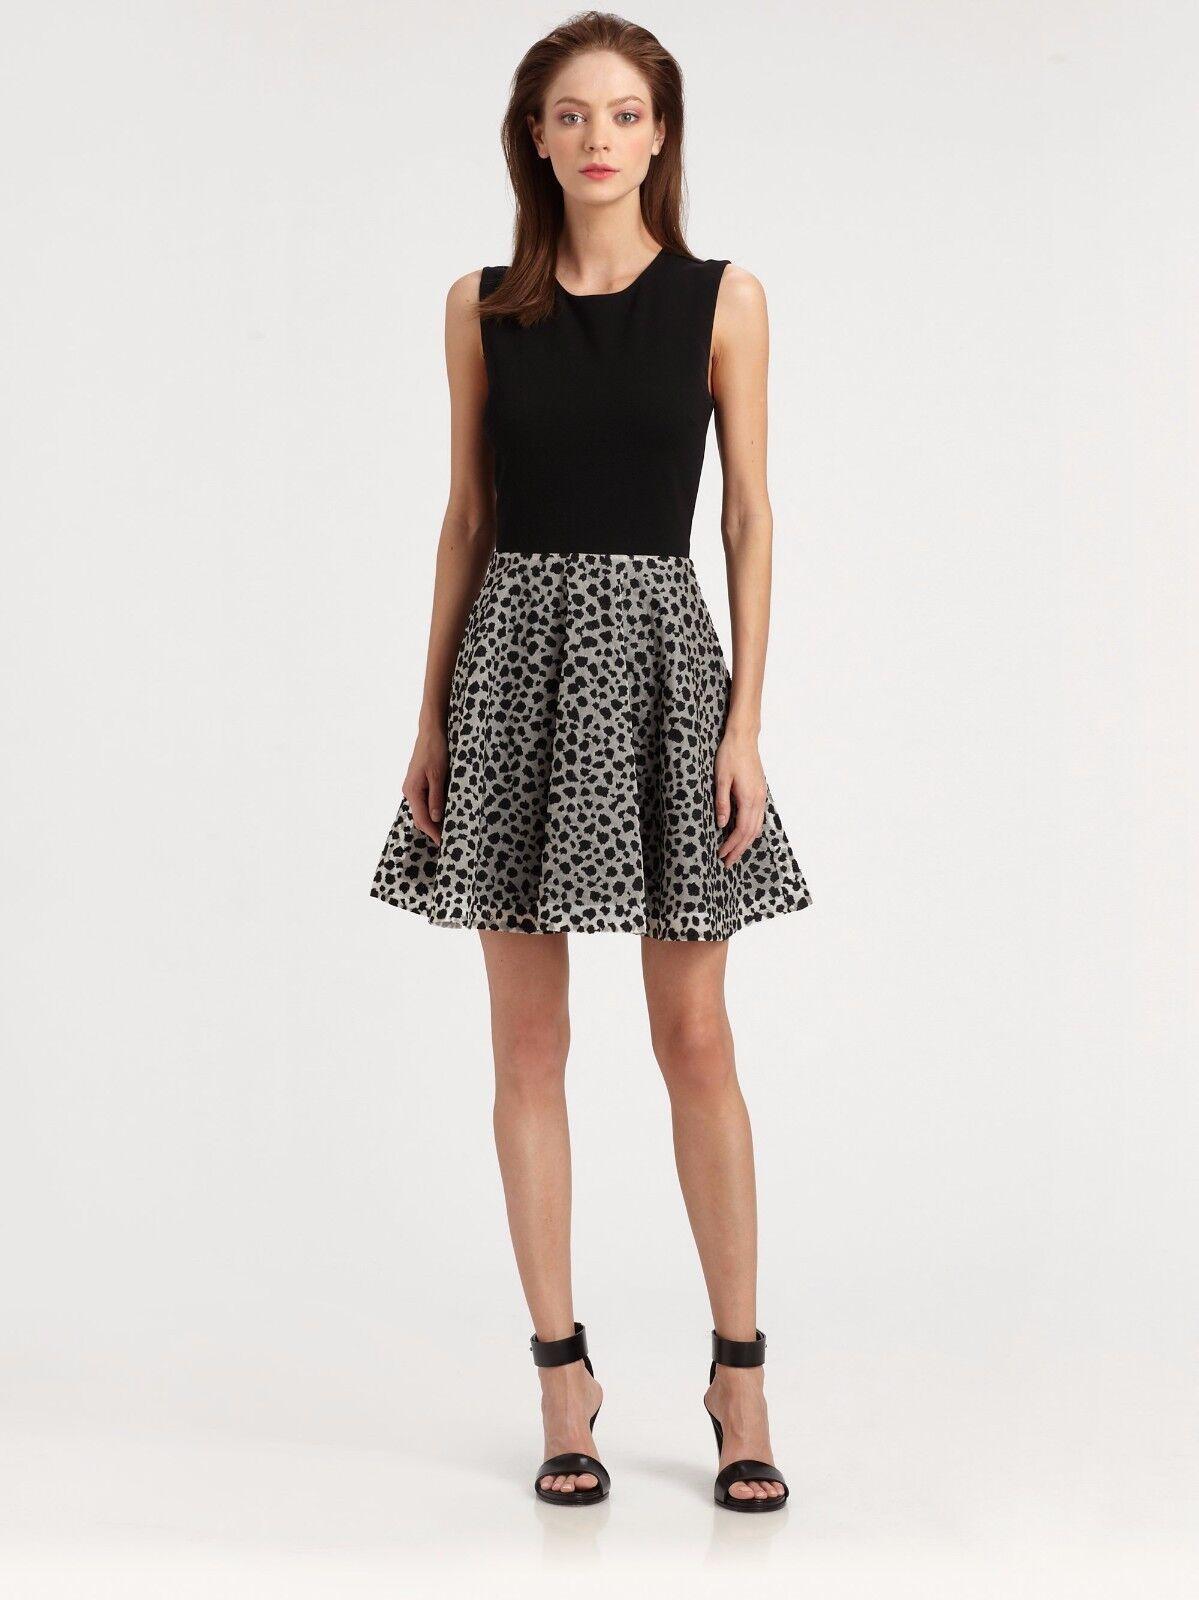 NWT DIANE VON FURSTENBERG JEANNIE LEOPARD DRESS- Retail Price 498